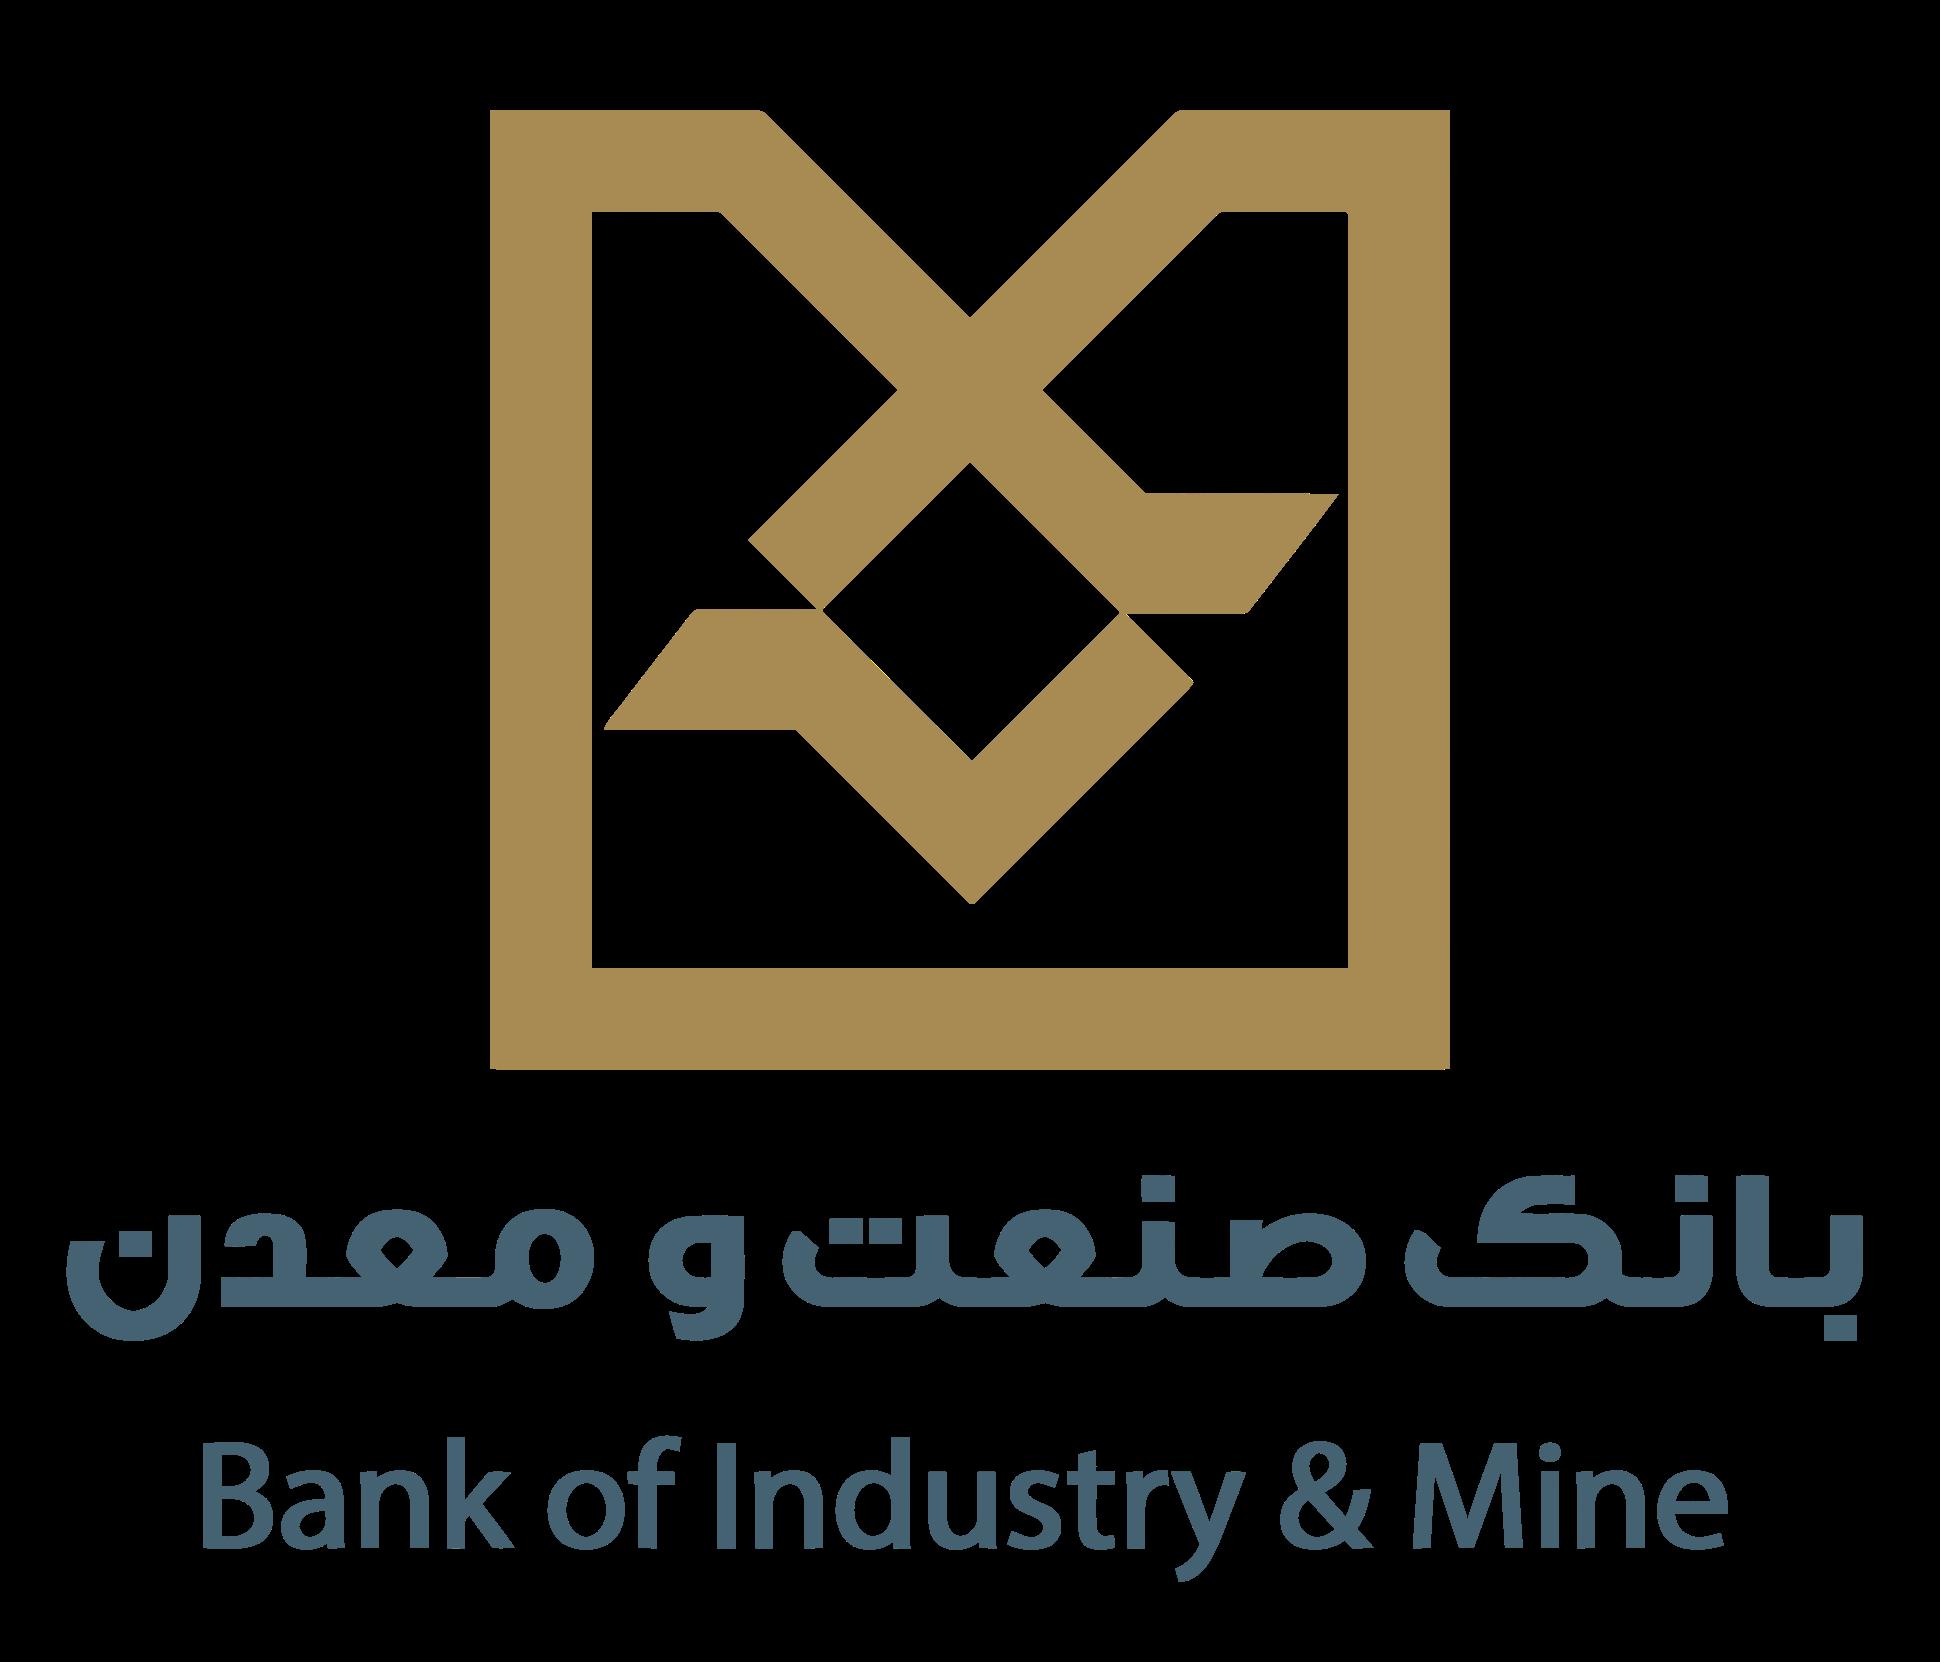 سوالات استخدامی بانک صنعت معدن